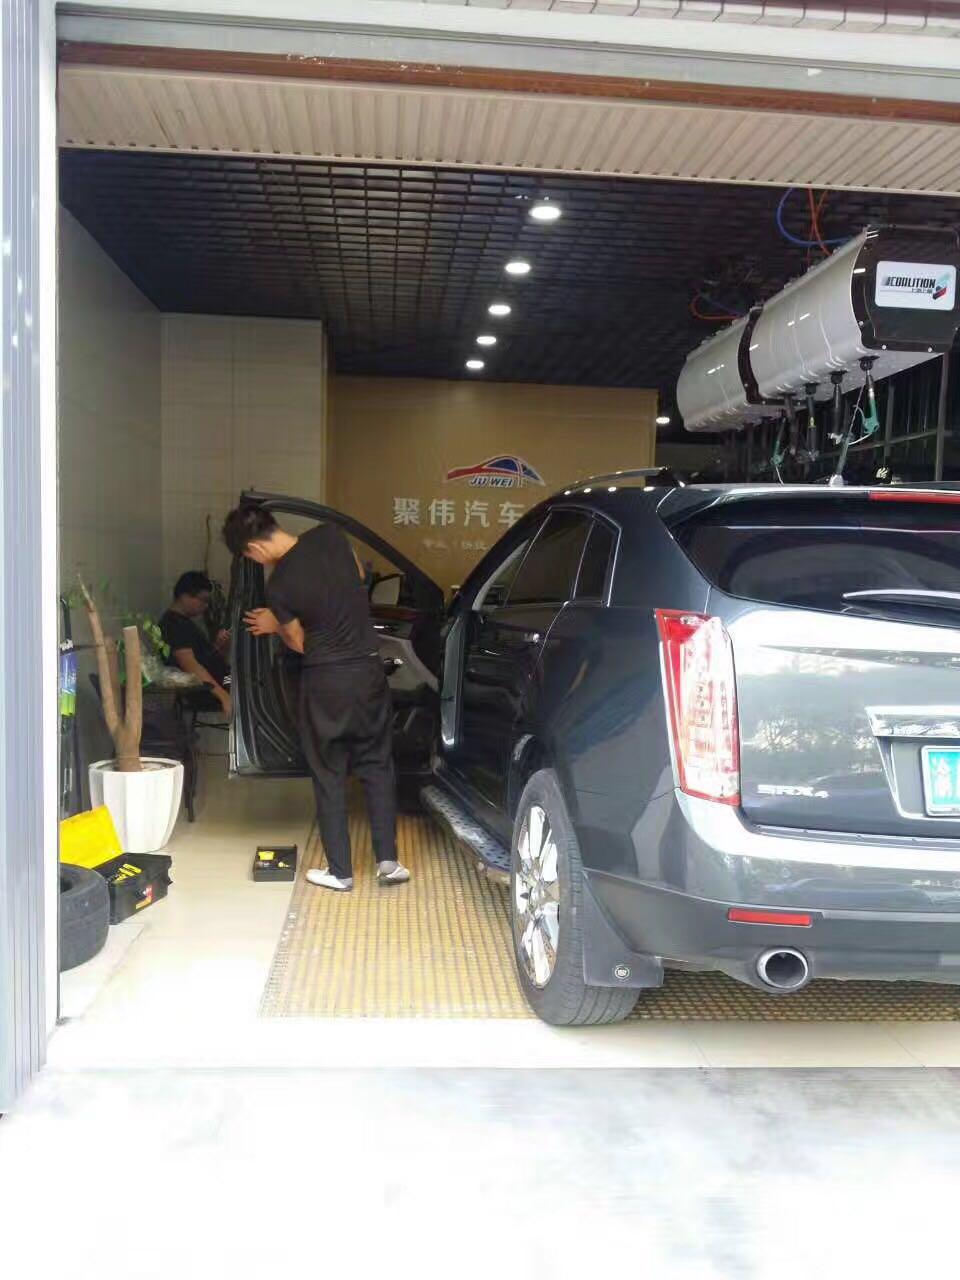 重庆汽车玻璃贴膜价格|汽车玻璃贴膜-重庆聚伟汽车玻璃